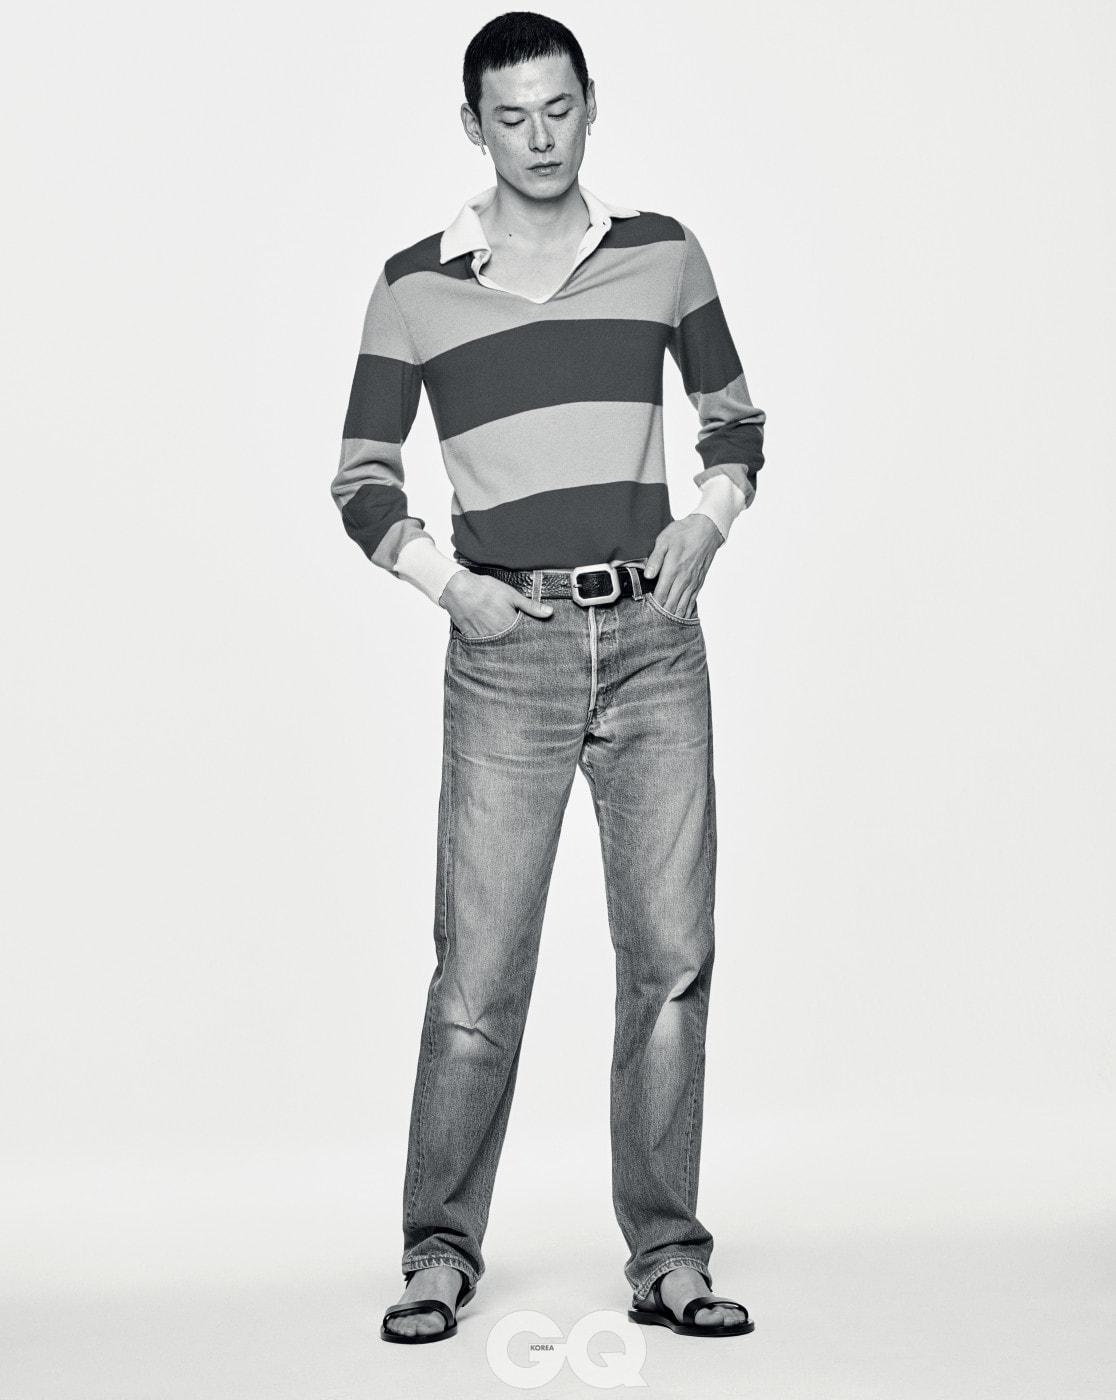 폴로 셔츠 1백29만원, 구찌. 샌들 96만5천원, 생 로랑 by 안토니 바카렐로. 귀고리 가격 미정, 트렌카디즘. 데님 팬츠와 벨트는 빈티지 제품.